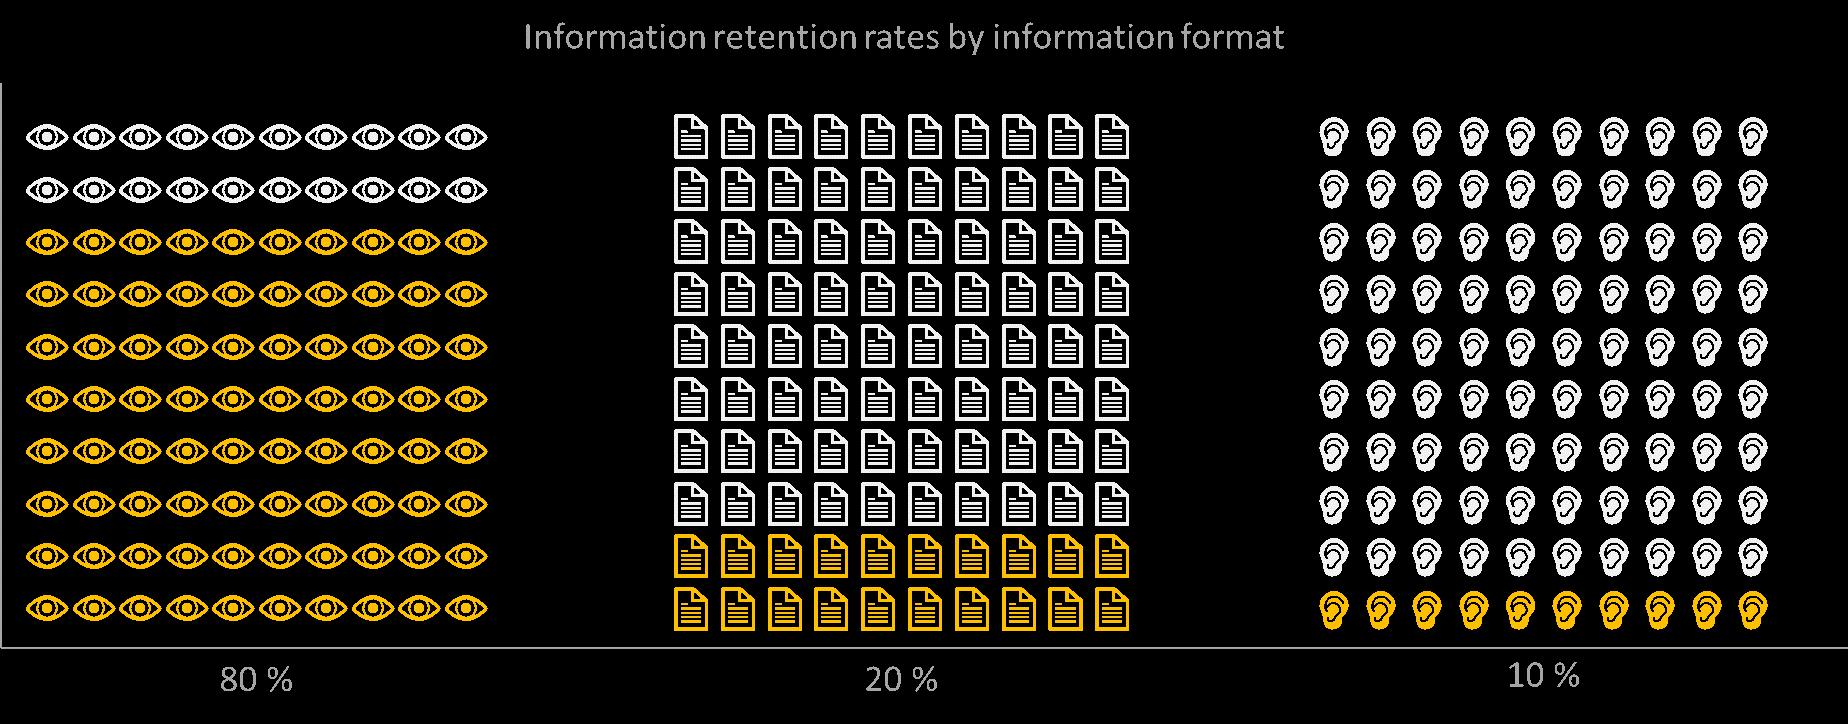 Petr Visualization 1